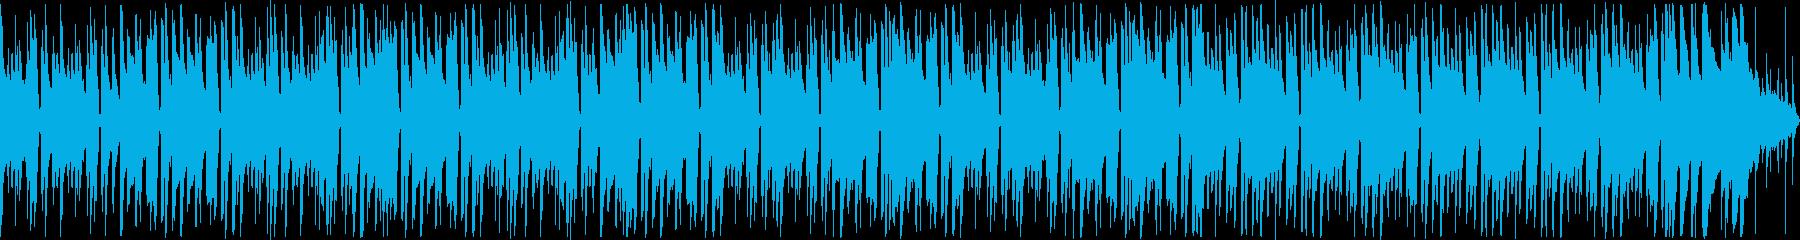 【ループ】落ち着いた夏のボサノバの再生済みの波形